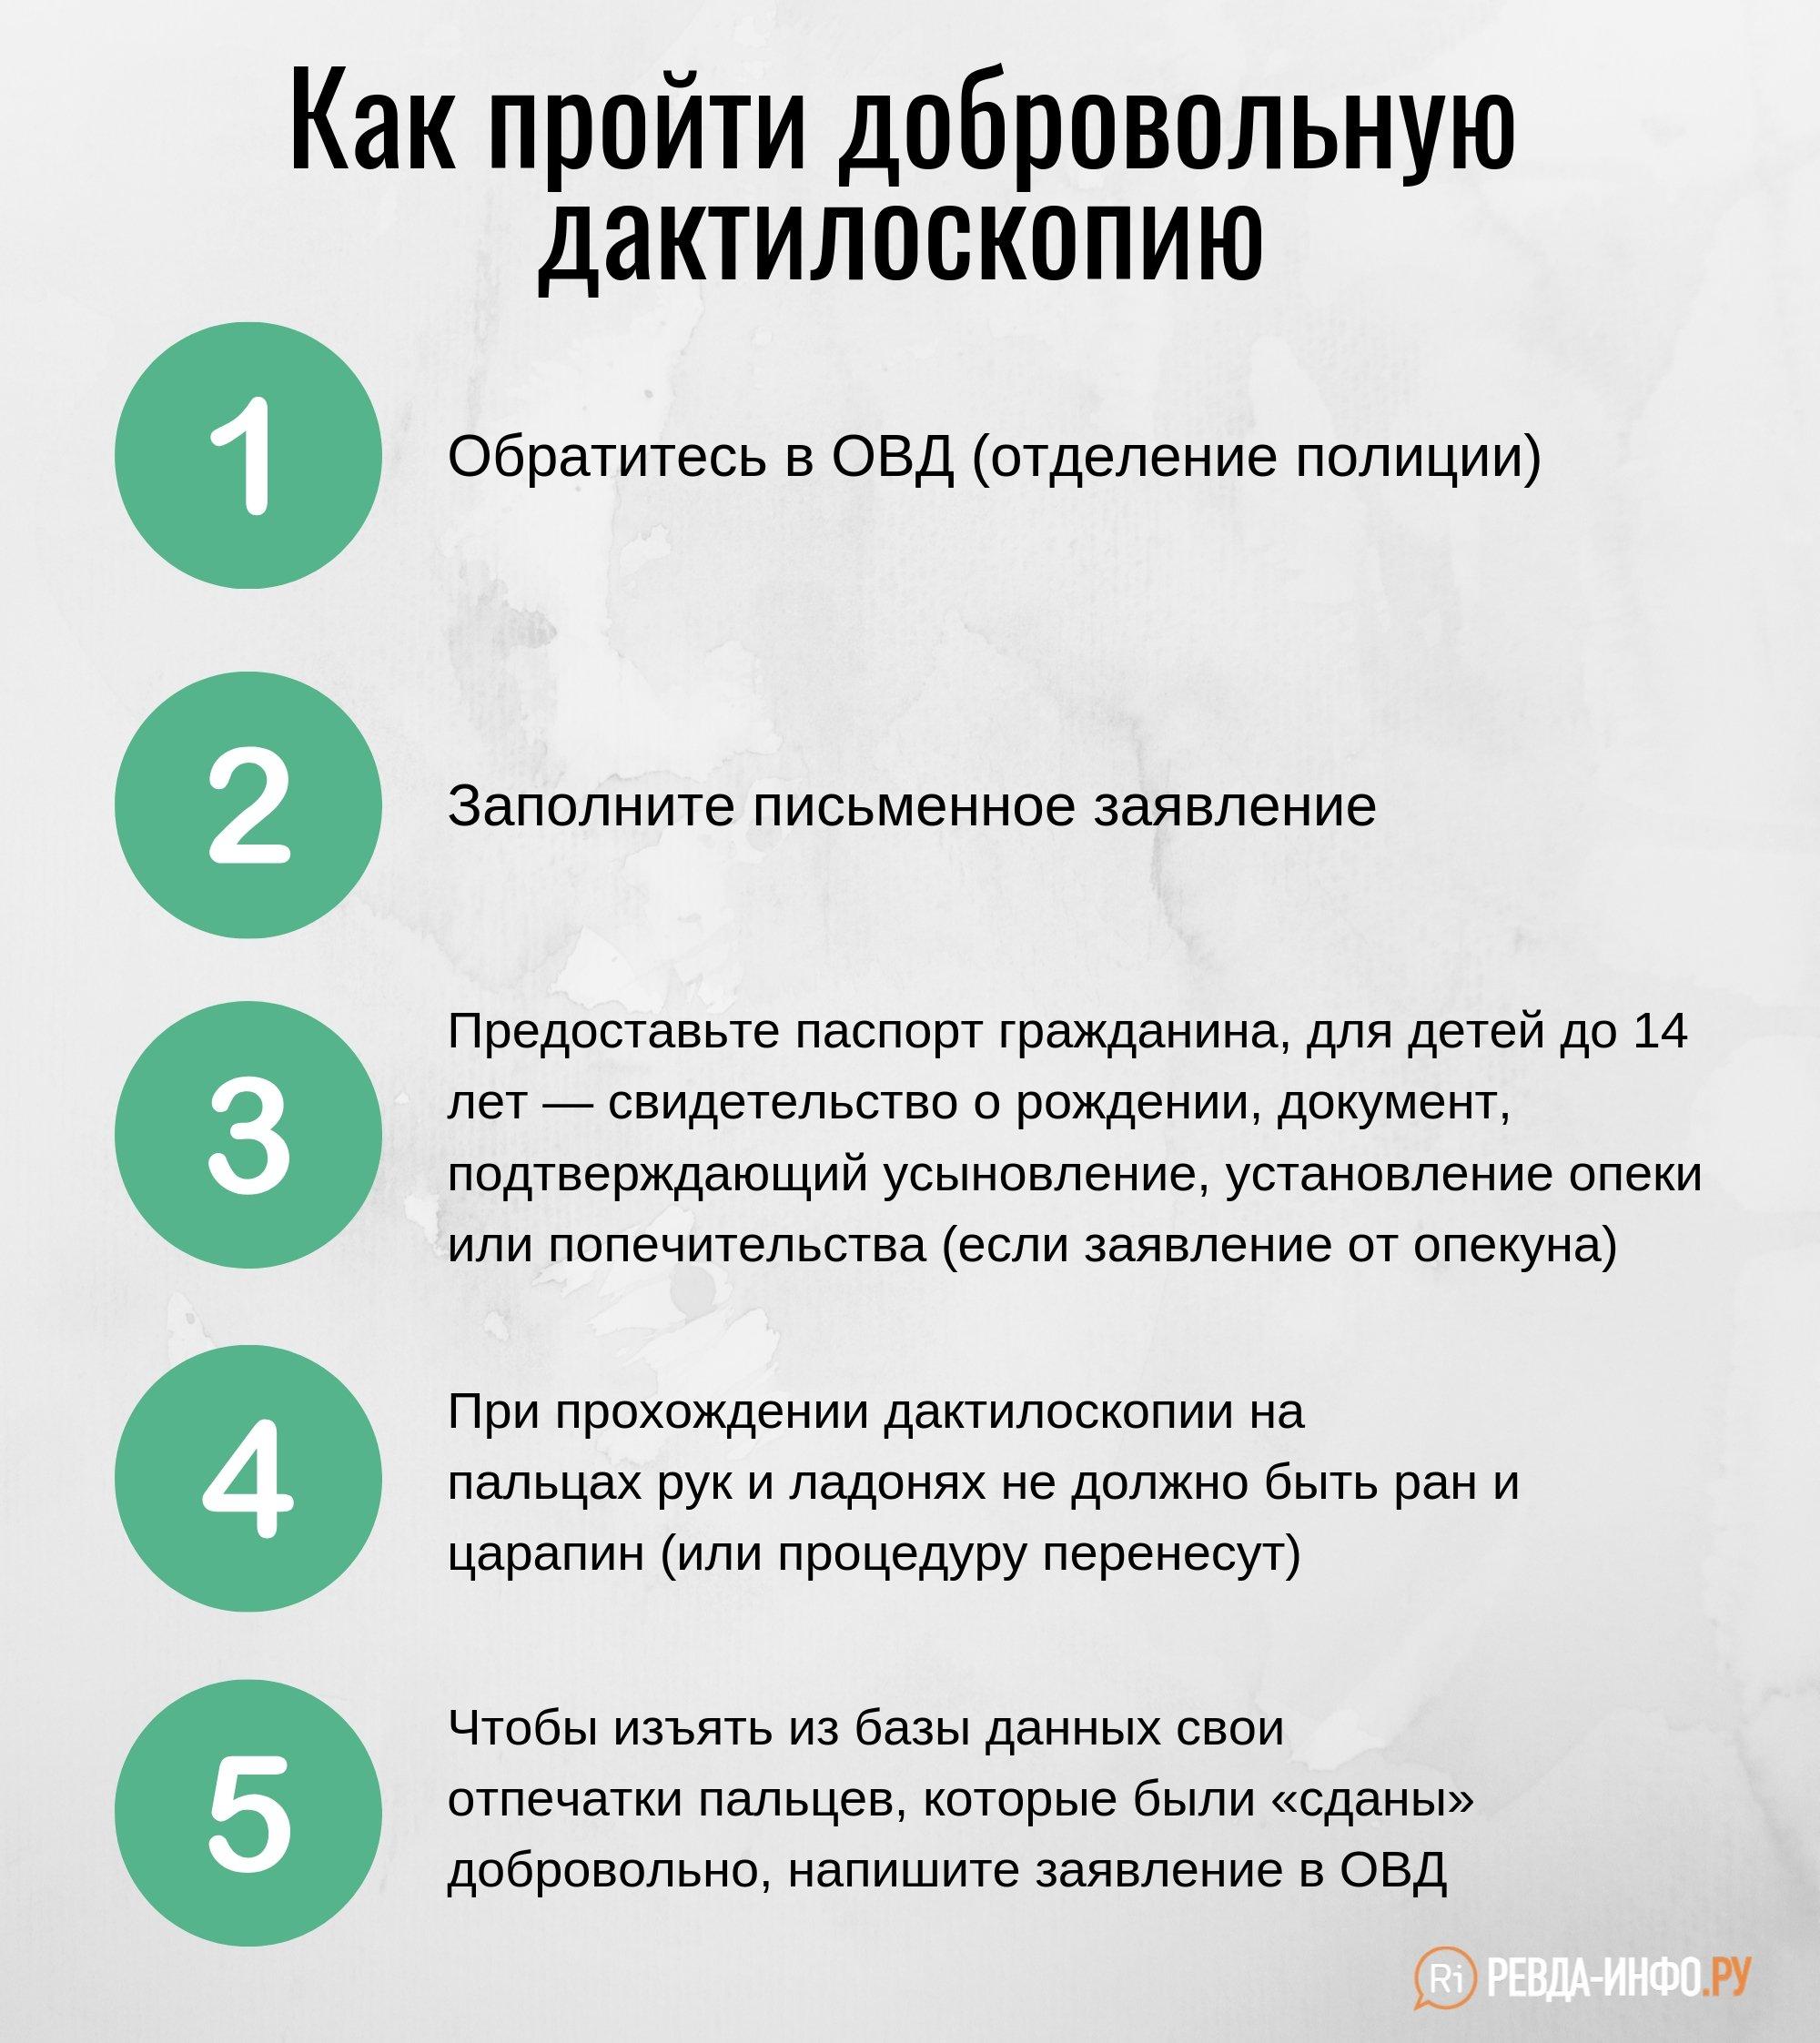 Daktiloskopiya-KAK